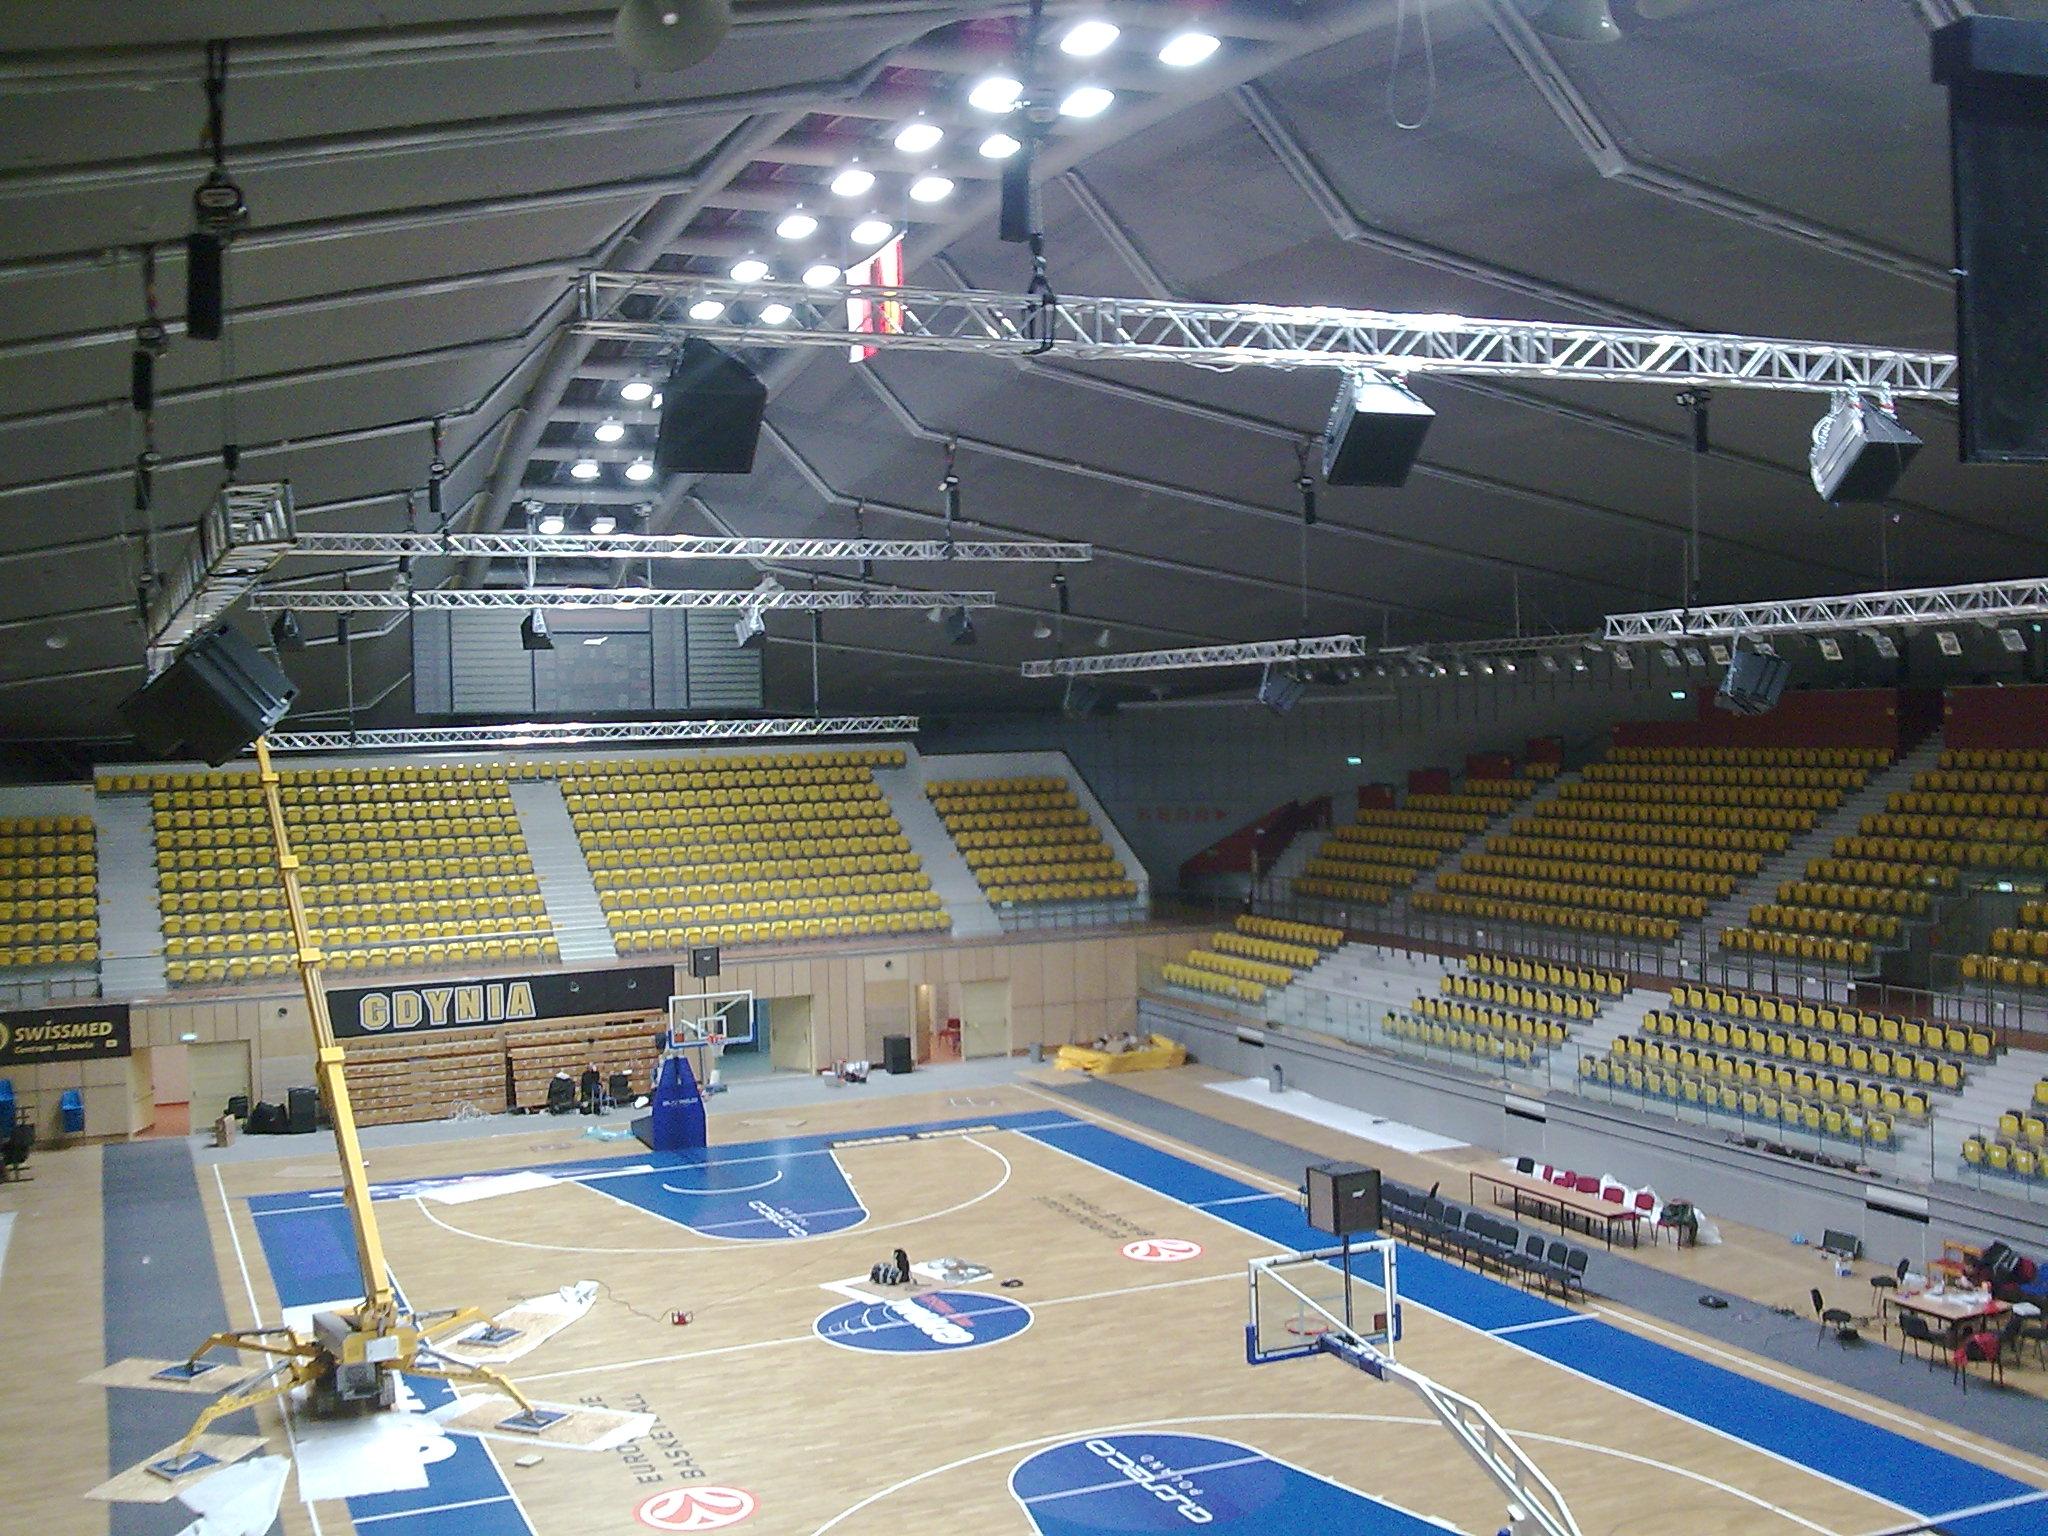 Sport- und Mehrzweckhalle - Gdynia: Raffzuganlagen zur Verbesserung der Akustik und Hallentrennung